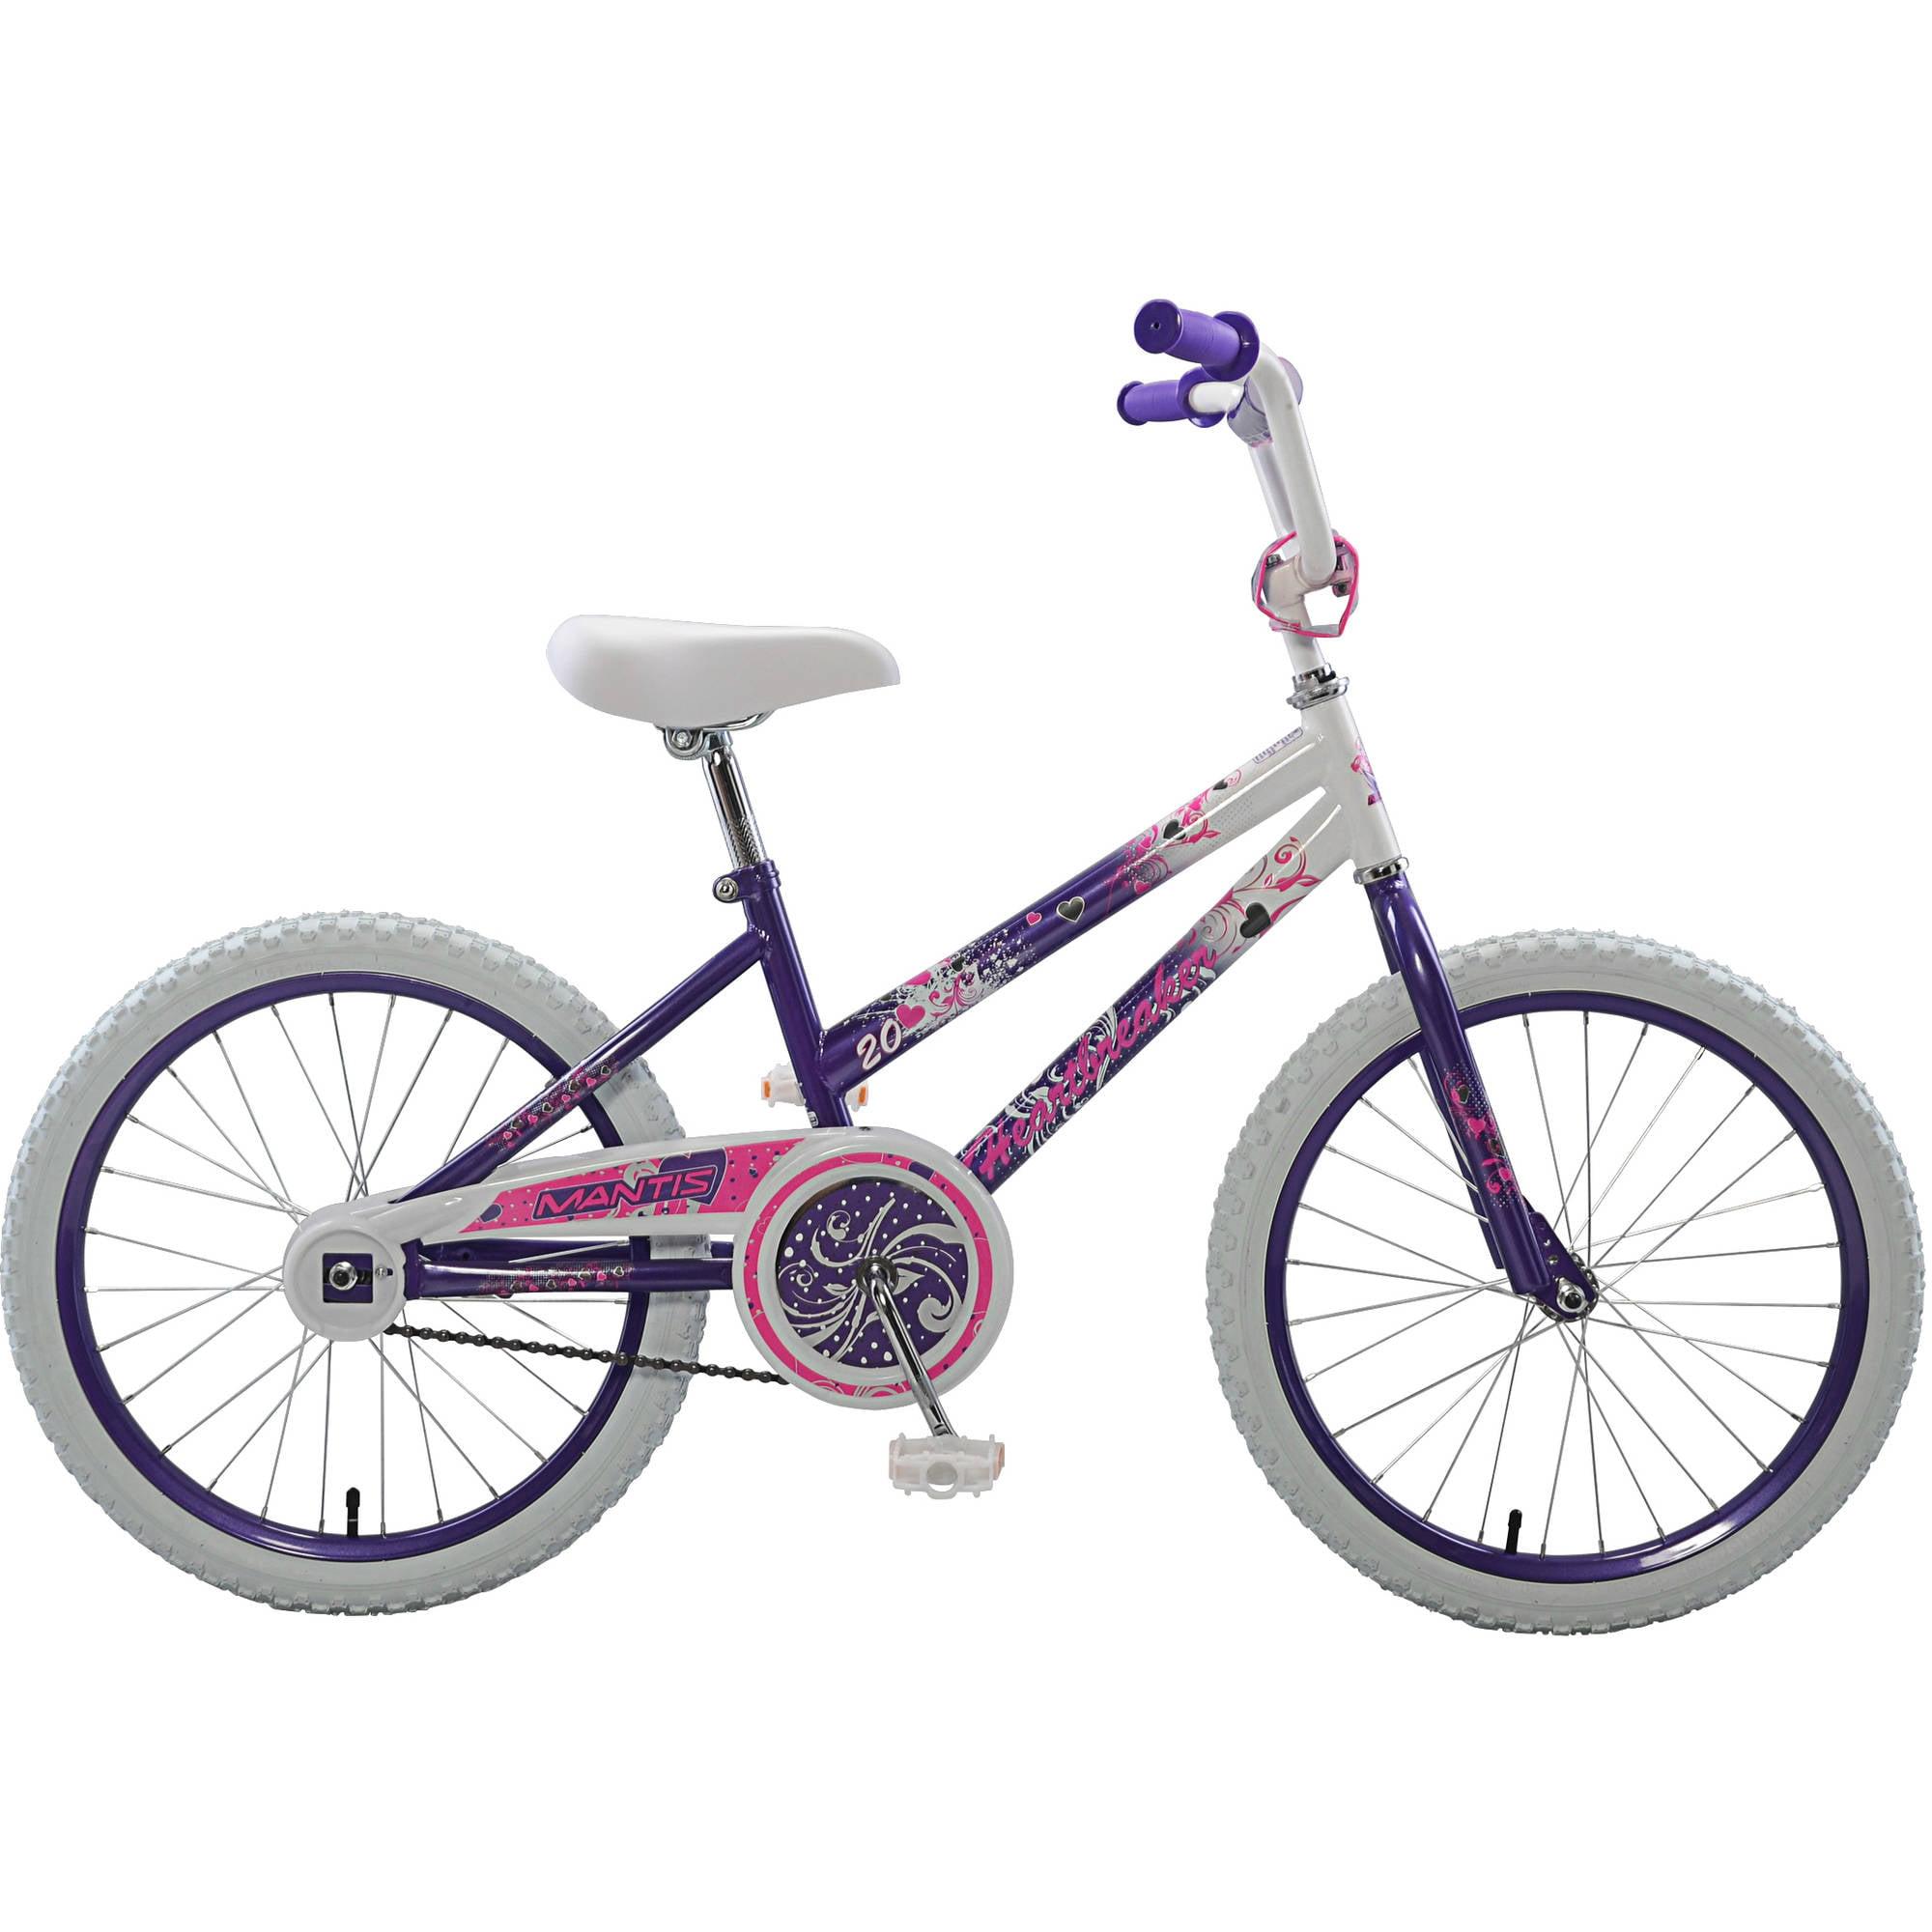 Mantis Heartbreaker 20 Kids Bicycle